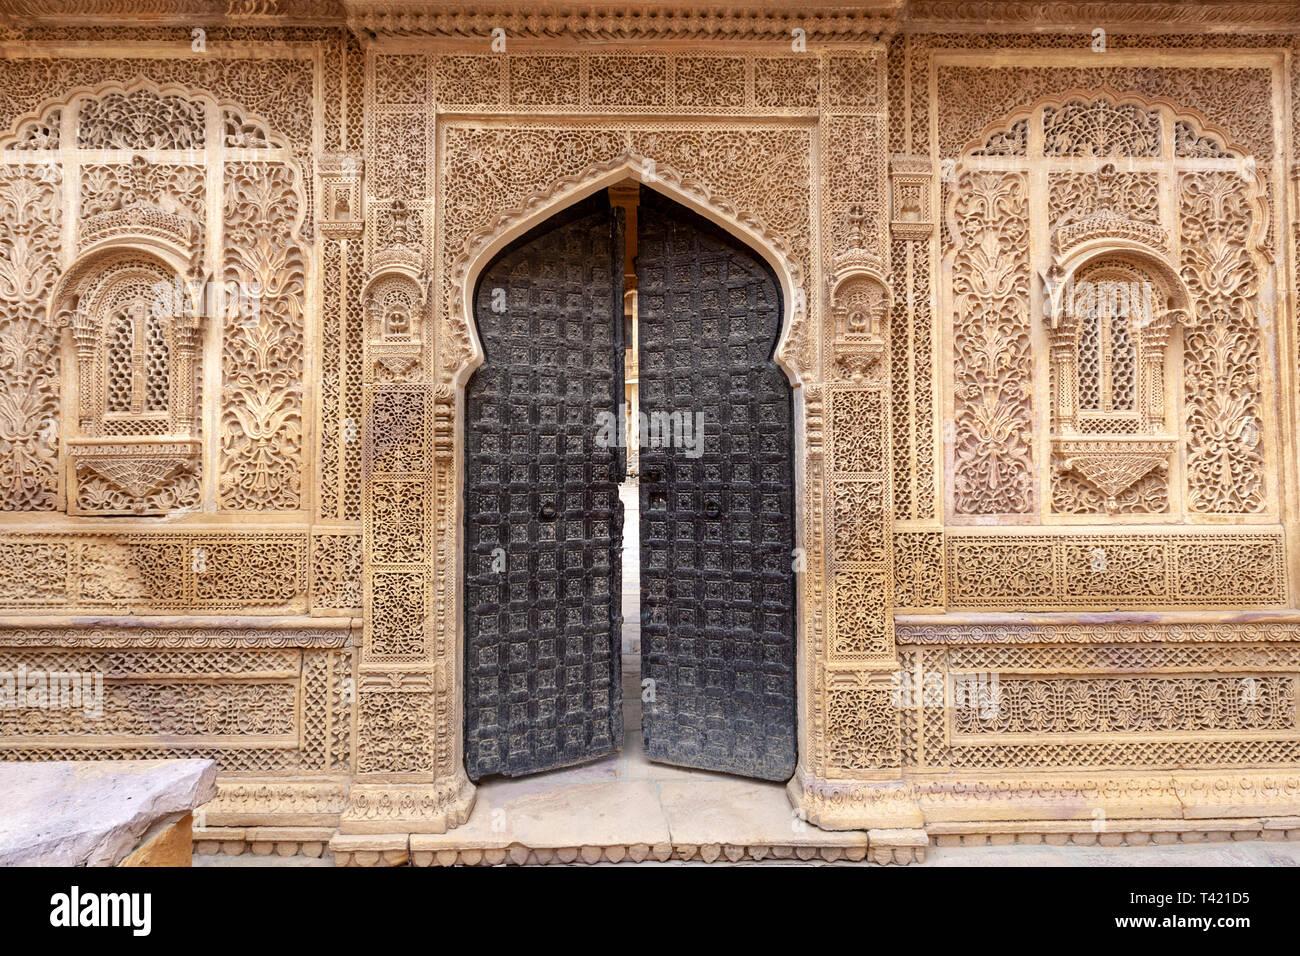 mandir-palace-darbar-hall-and-ornate-san